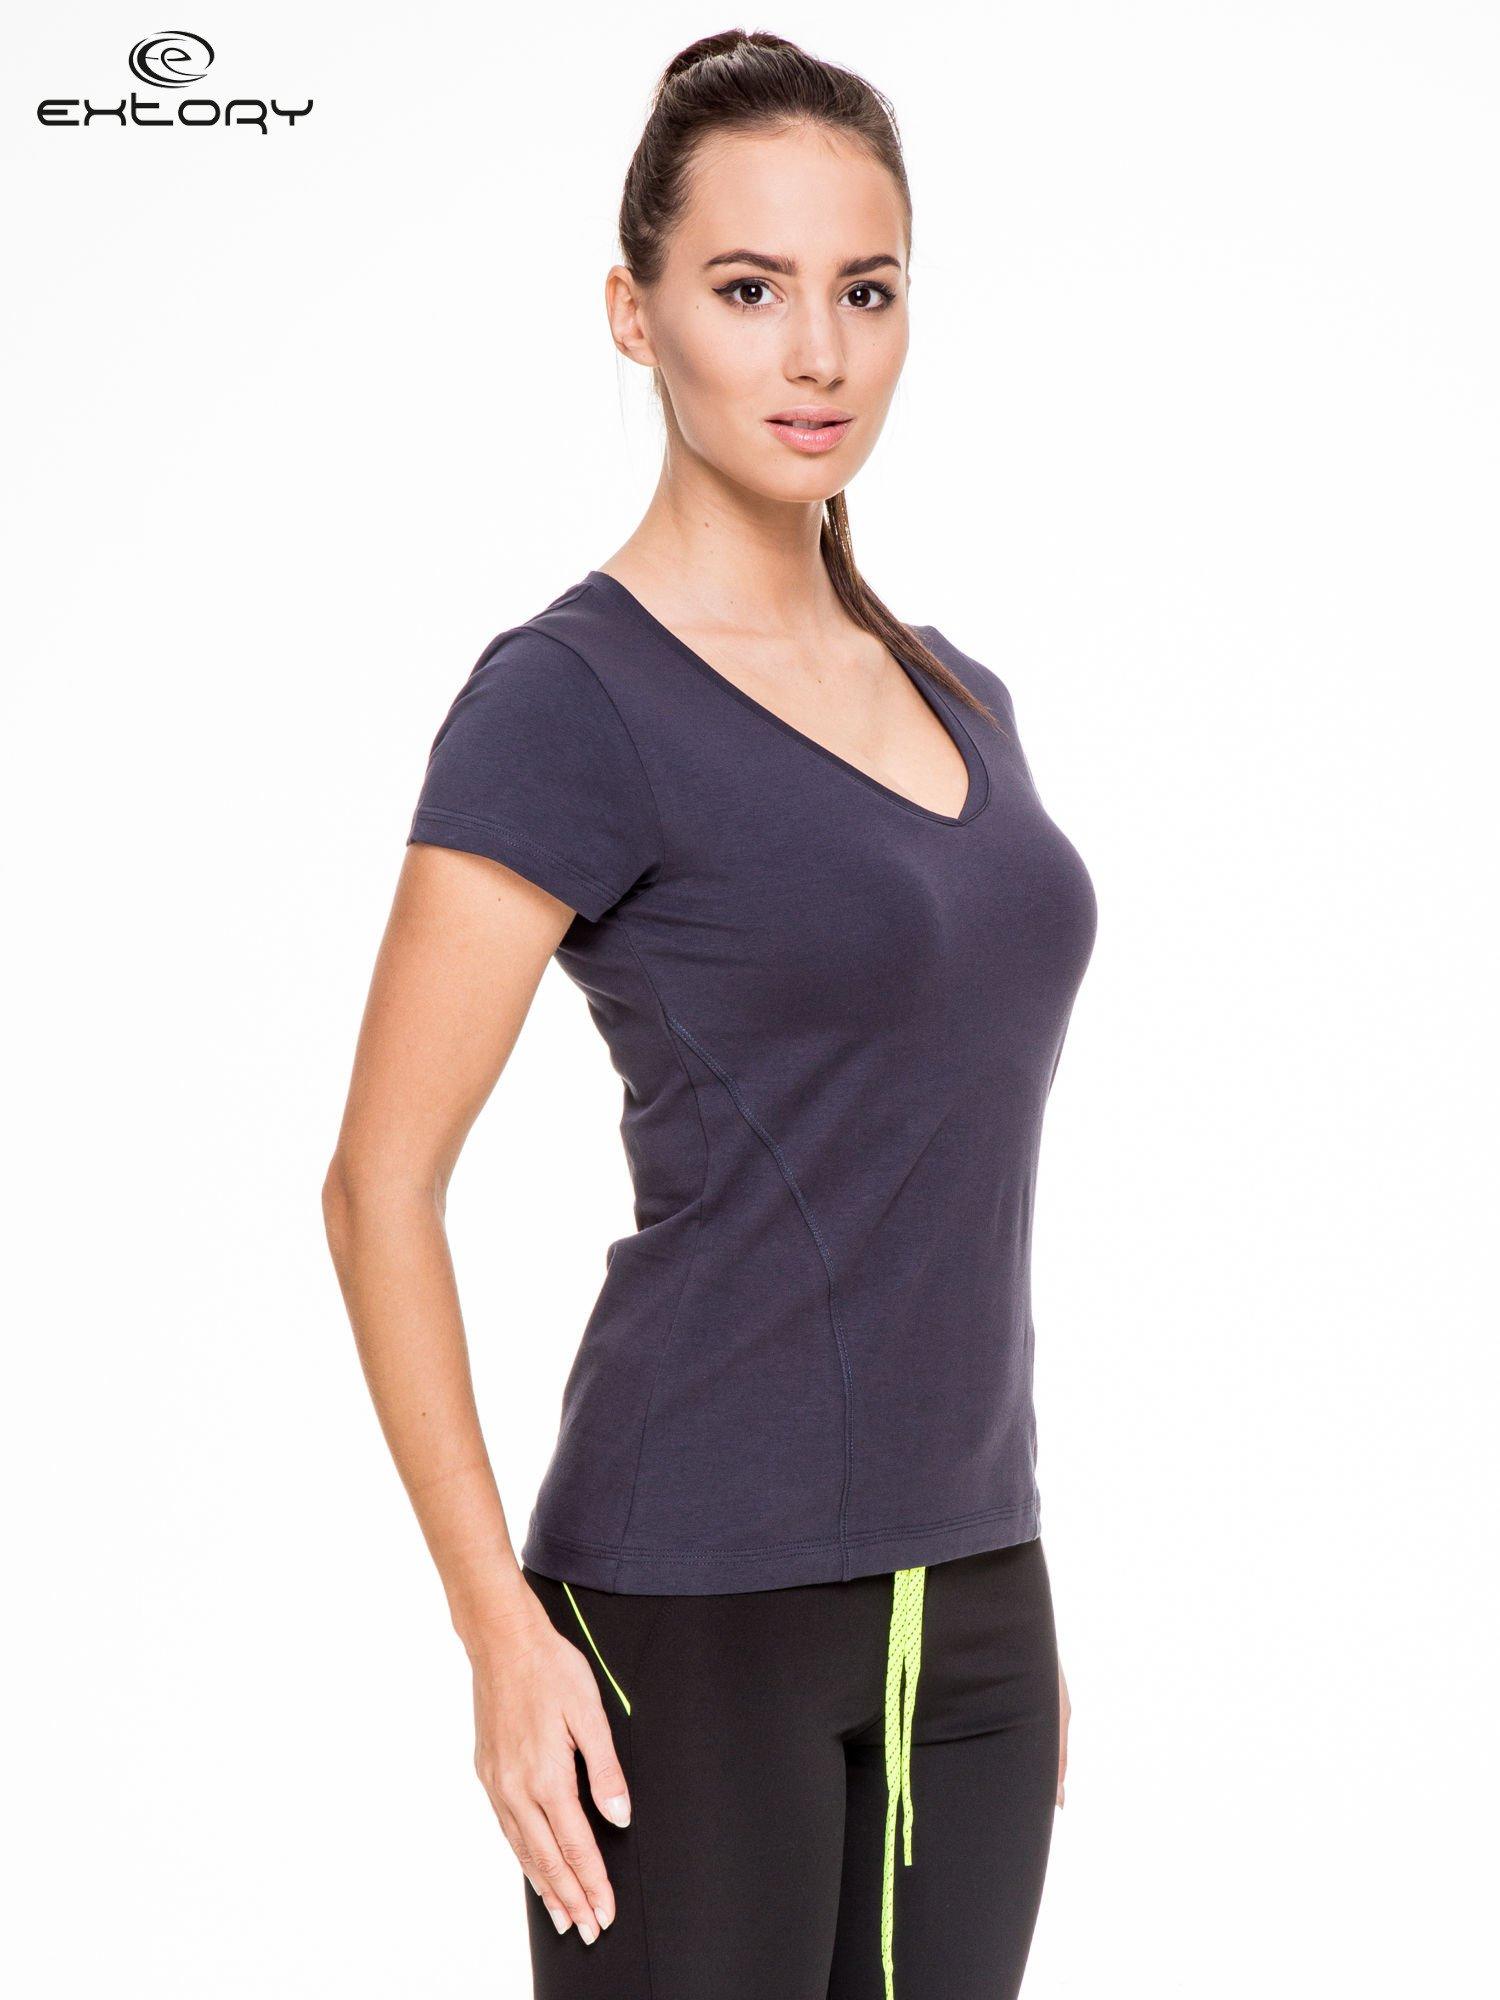 Granatowy damski t-shirt sportowy z modelującymi przeszyciami                                  zdj.                                  3